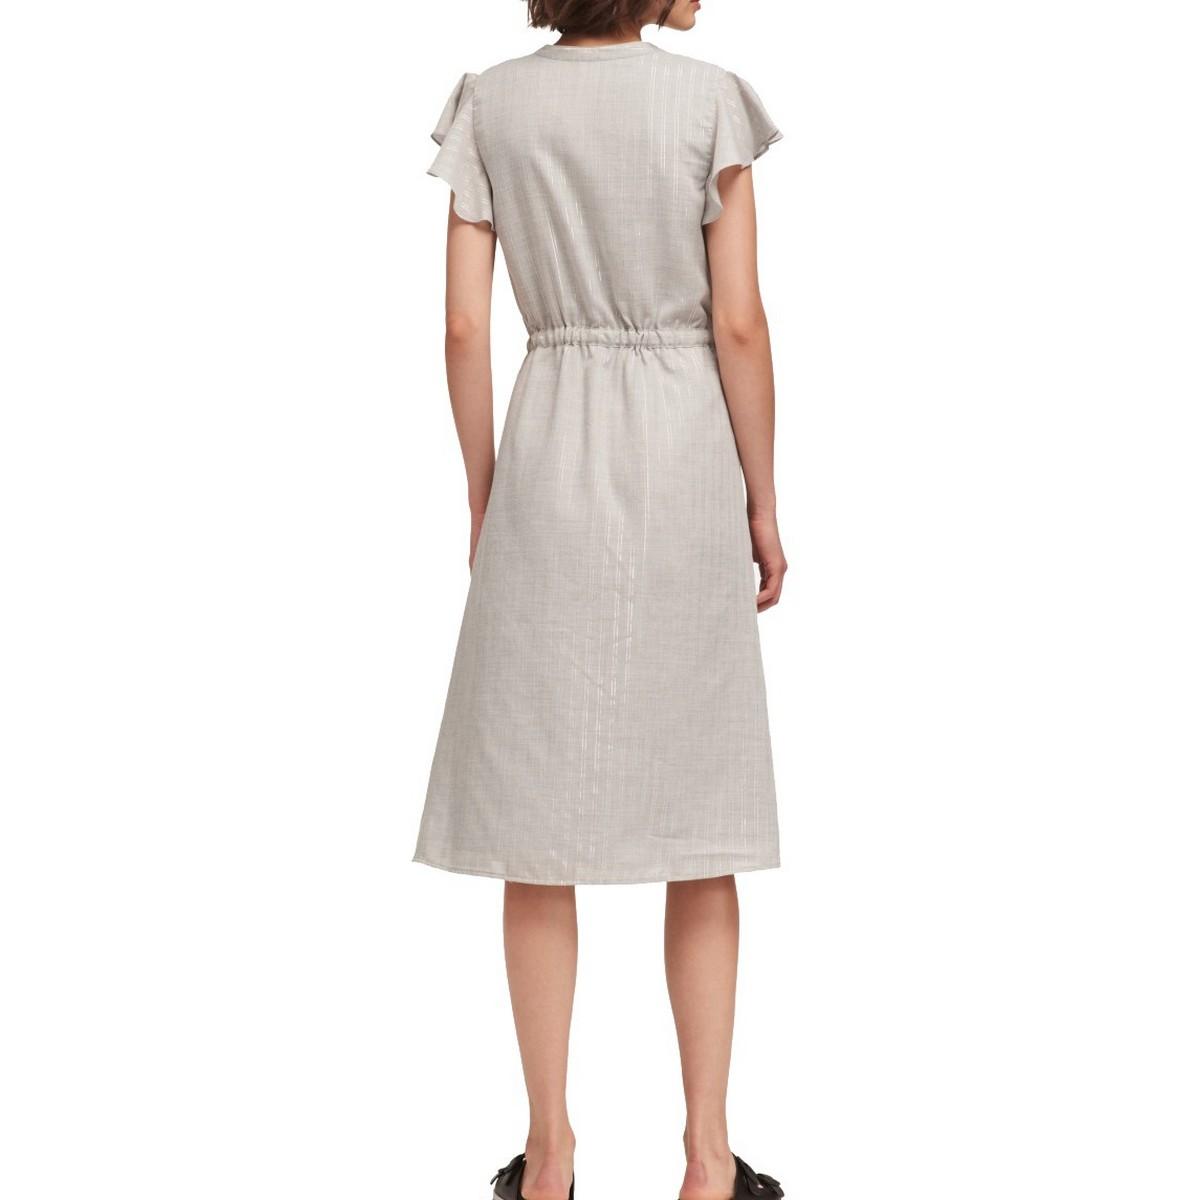 DKNY-NEW-Women-039-s-Shimmer-Stripe-Flutter-sleeve-Drawstring-Waist-Dress-TEDO thumbnail 4